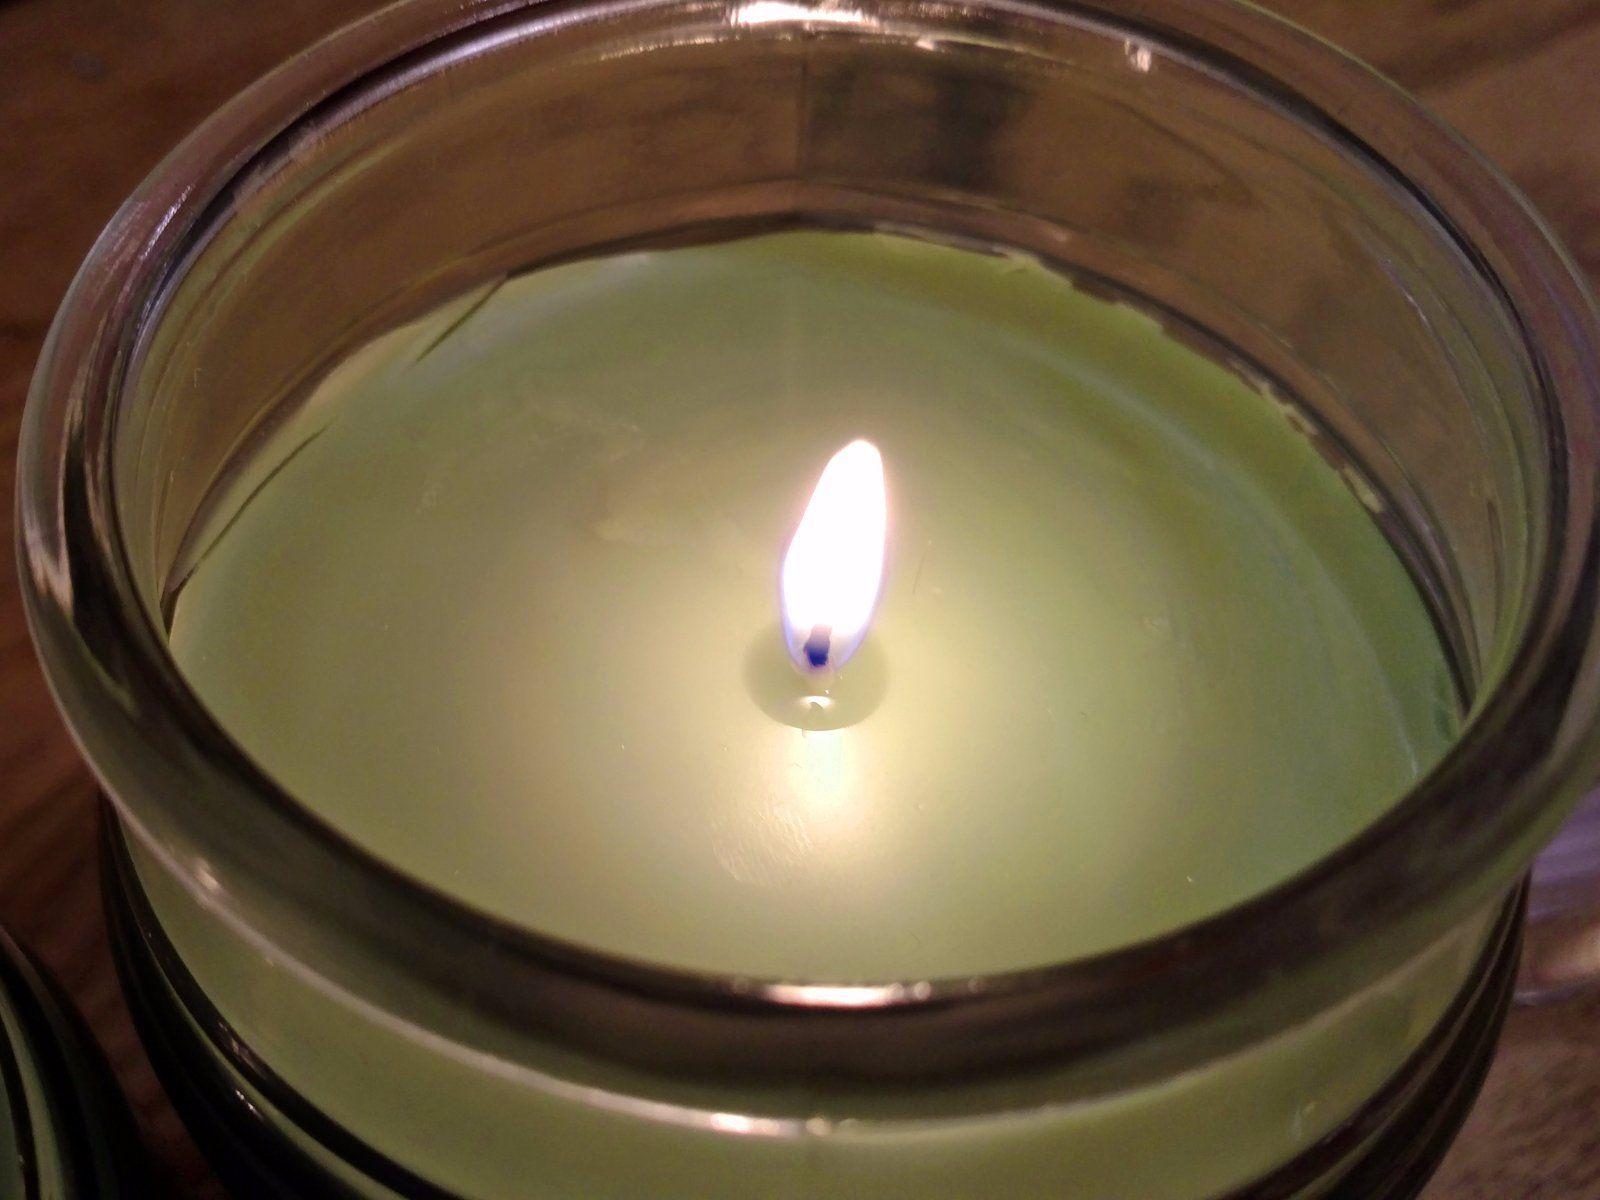 Come si accendono le candele?